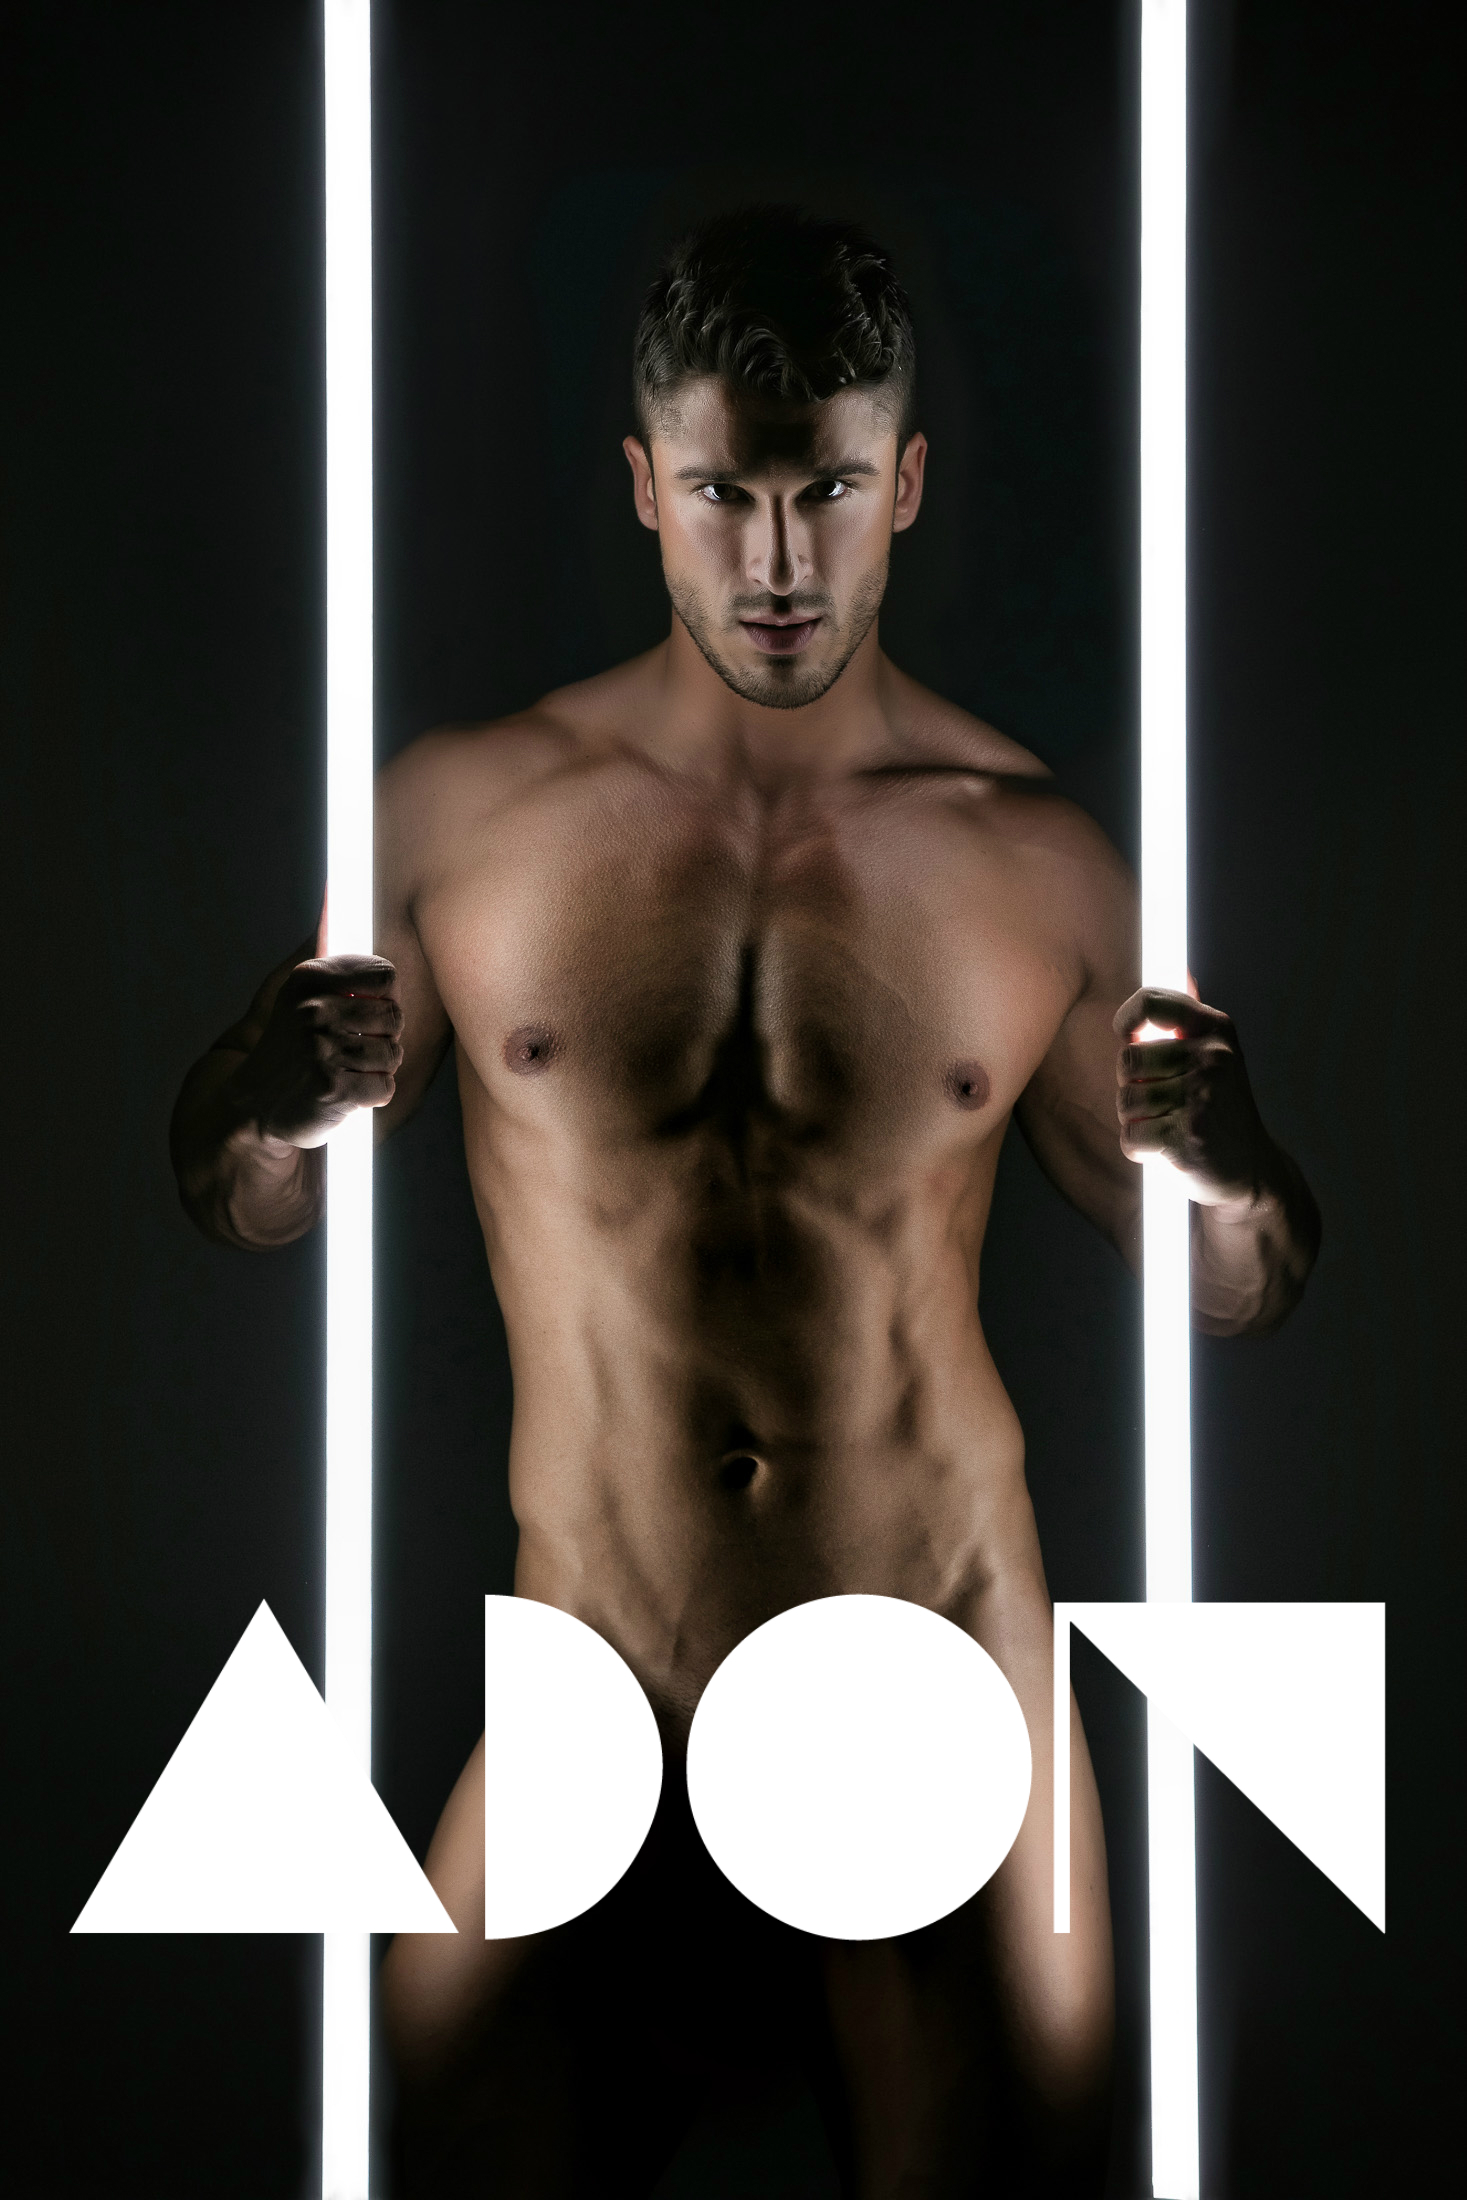 Adon Exclusive: Model David Castilla By Joan crisol